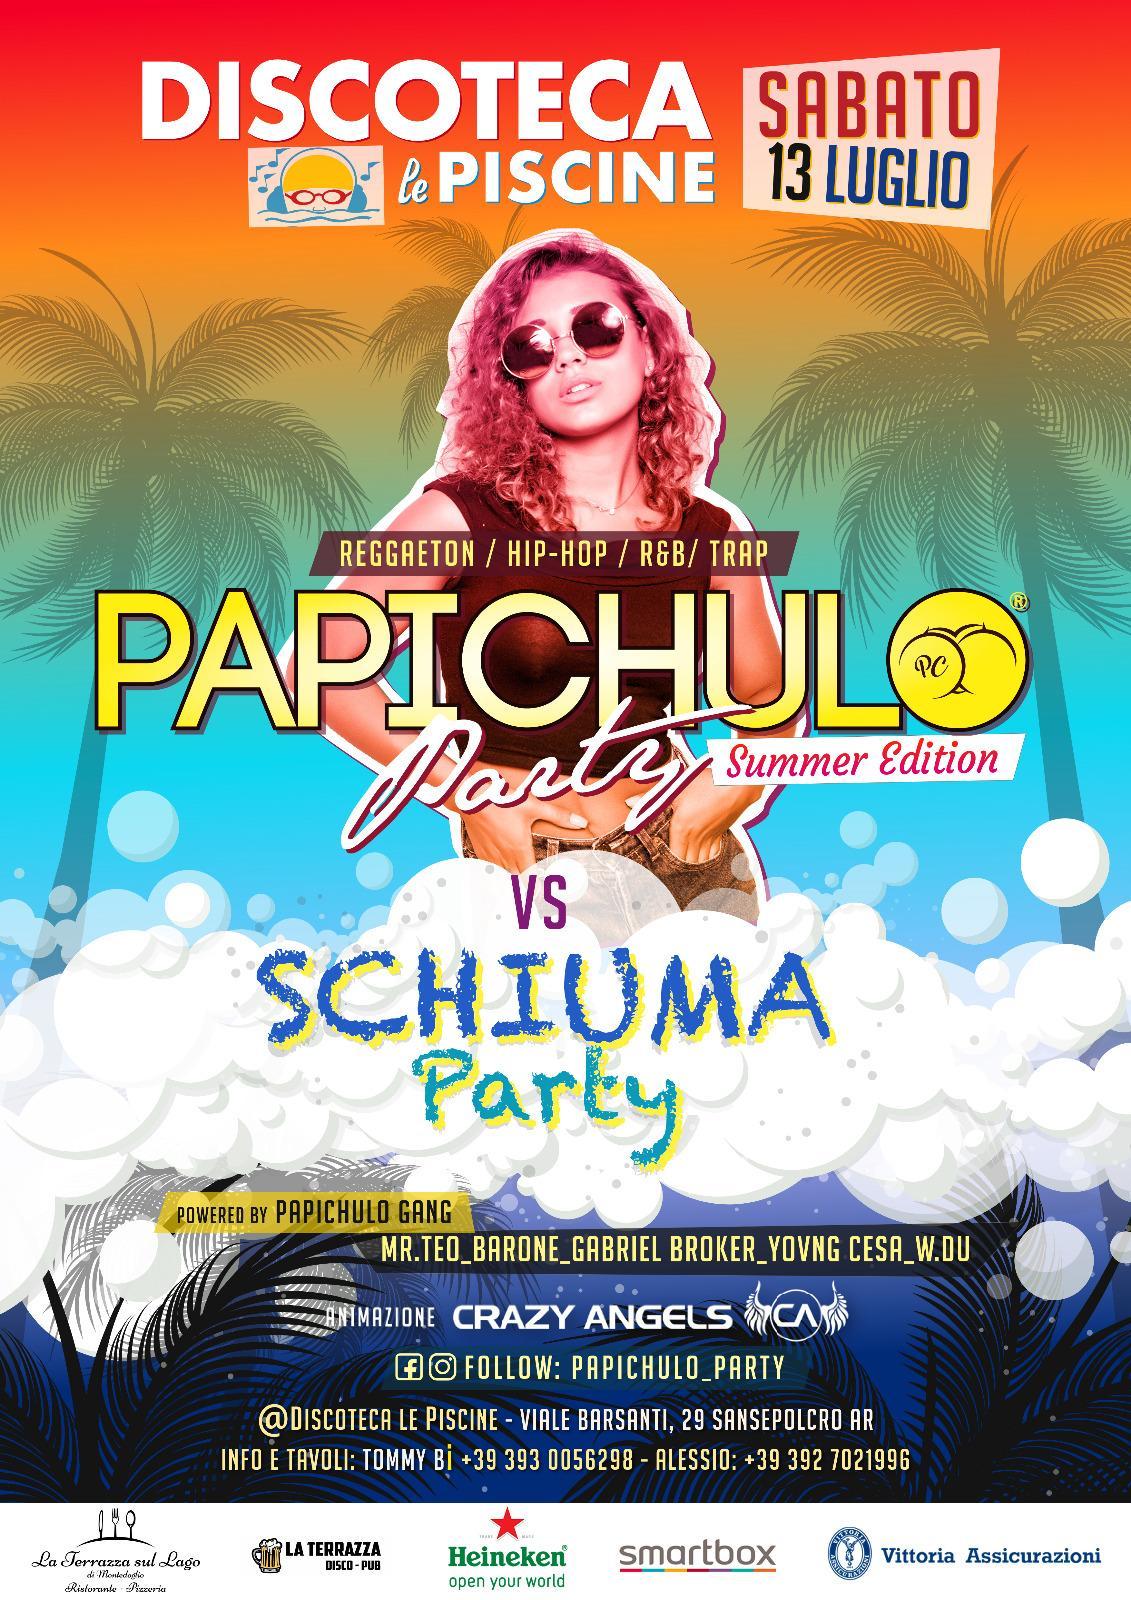 Papichulo-schiuma-party-2 La Discoteca